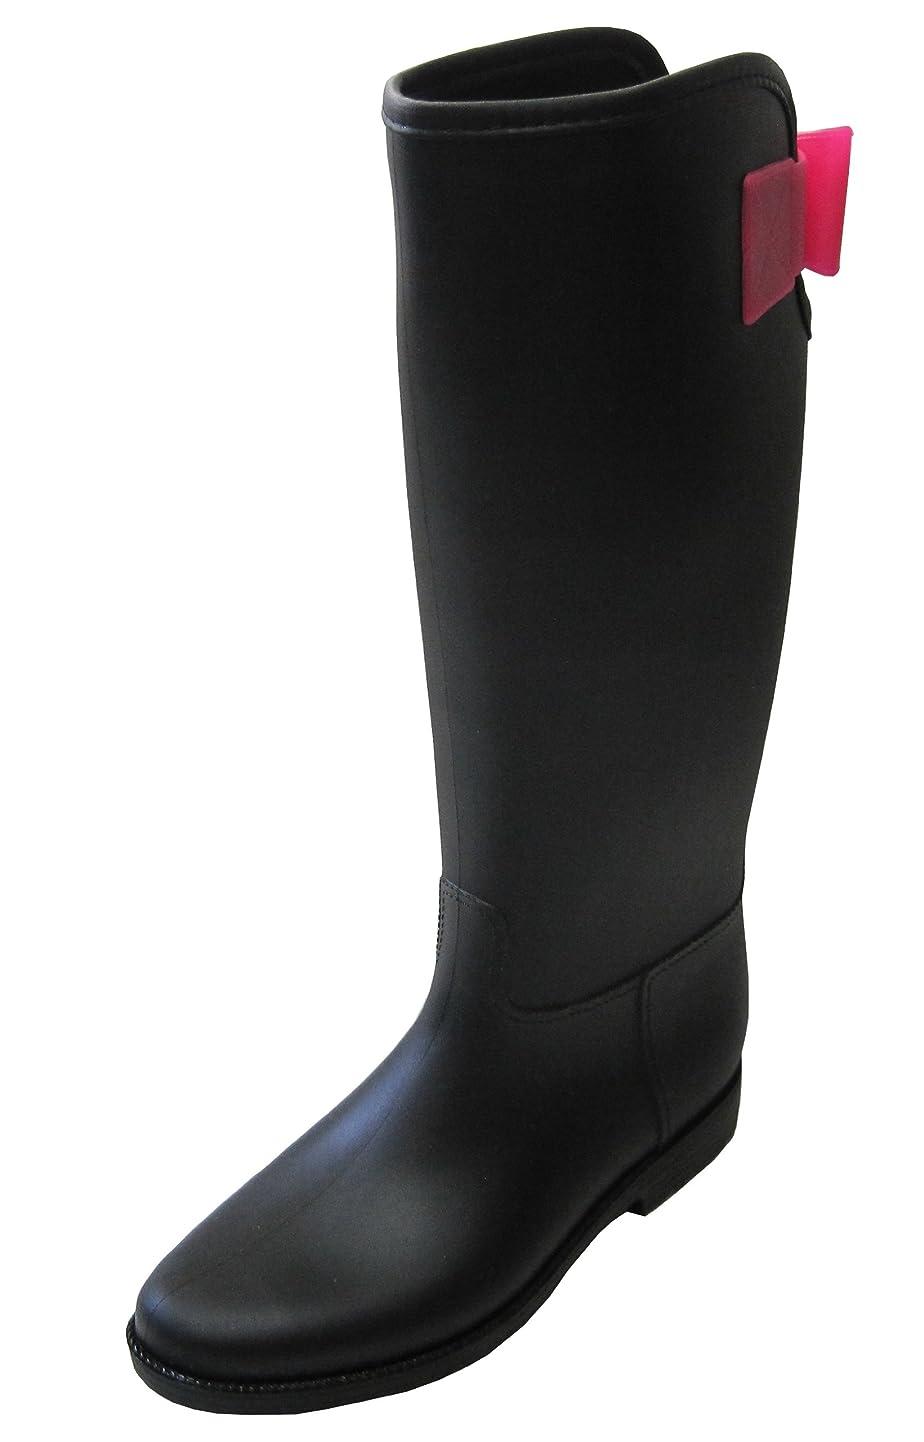 震えトロリーバススタジオ【NO BRAND レディース レインブーツ 長靴 ブラック ピンク リボン